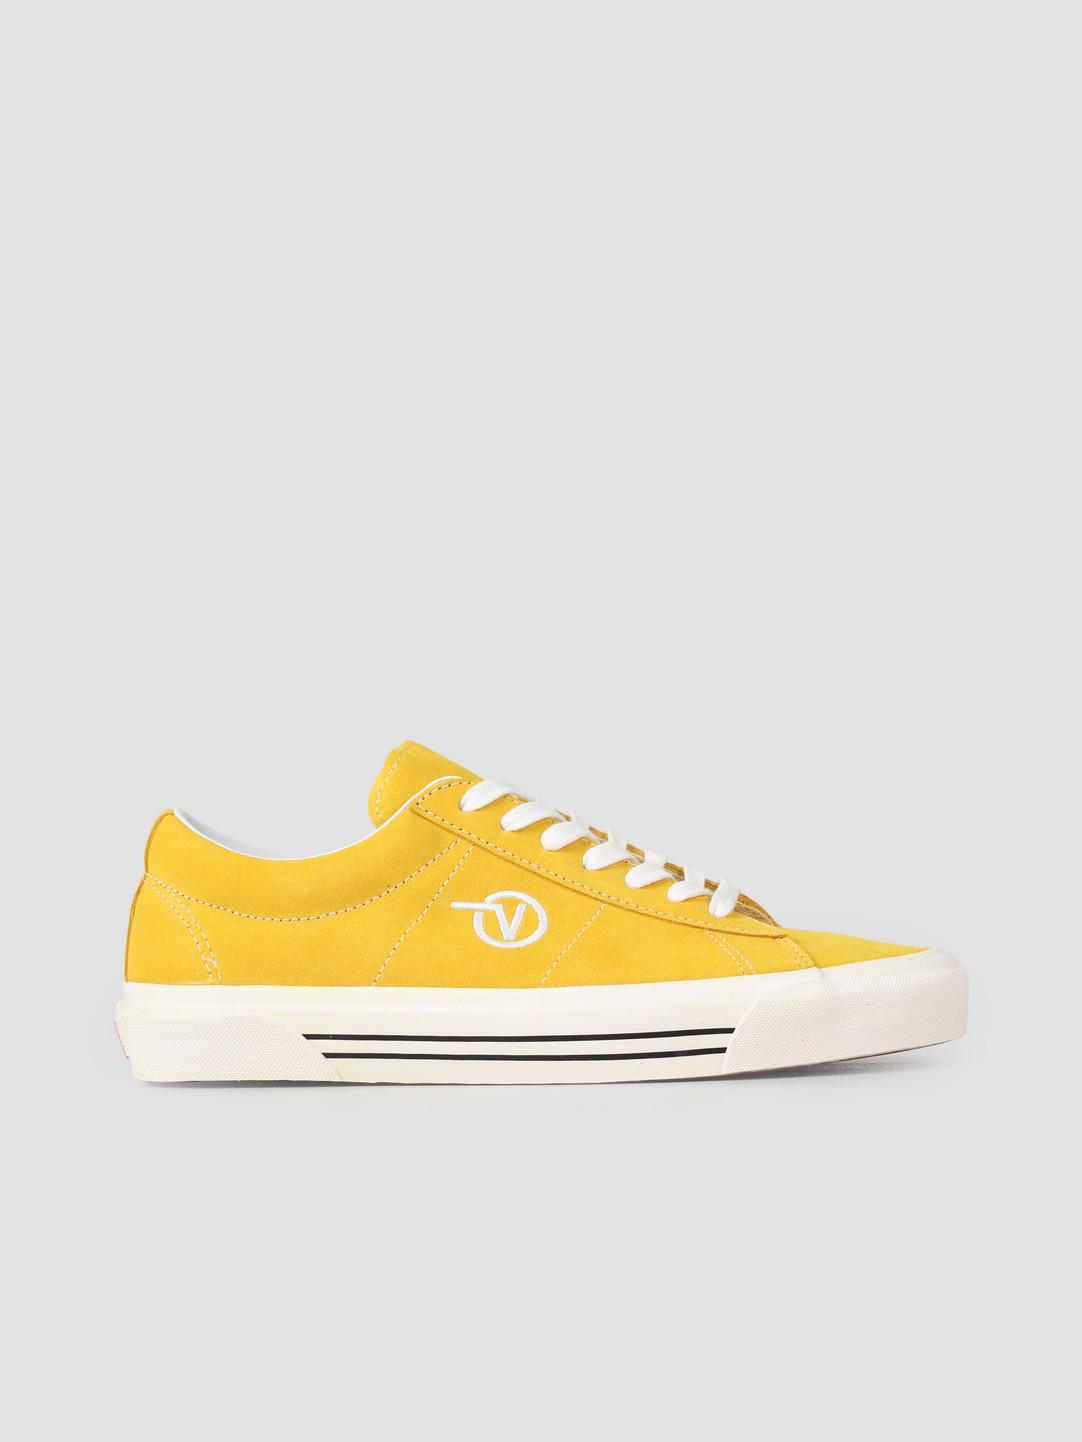 Vans Vans UA Sid DX Anaheim Factory OG Yellow Suede VN0A4BTXXMC1